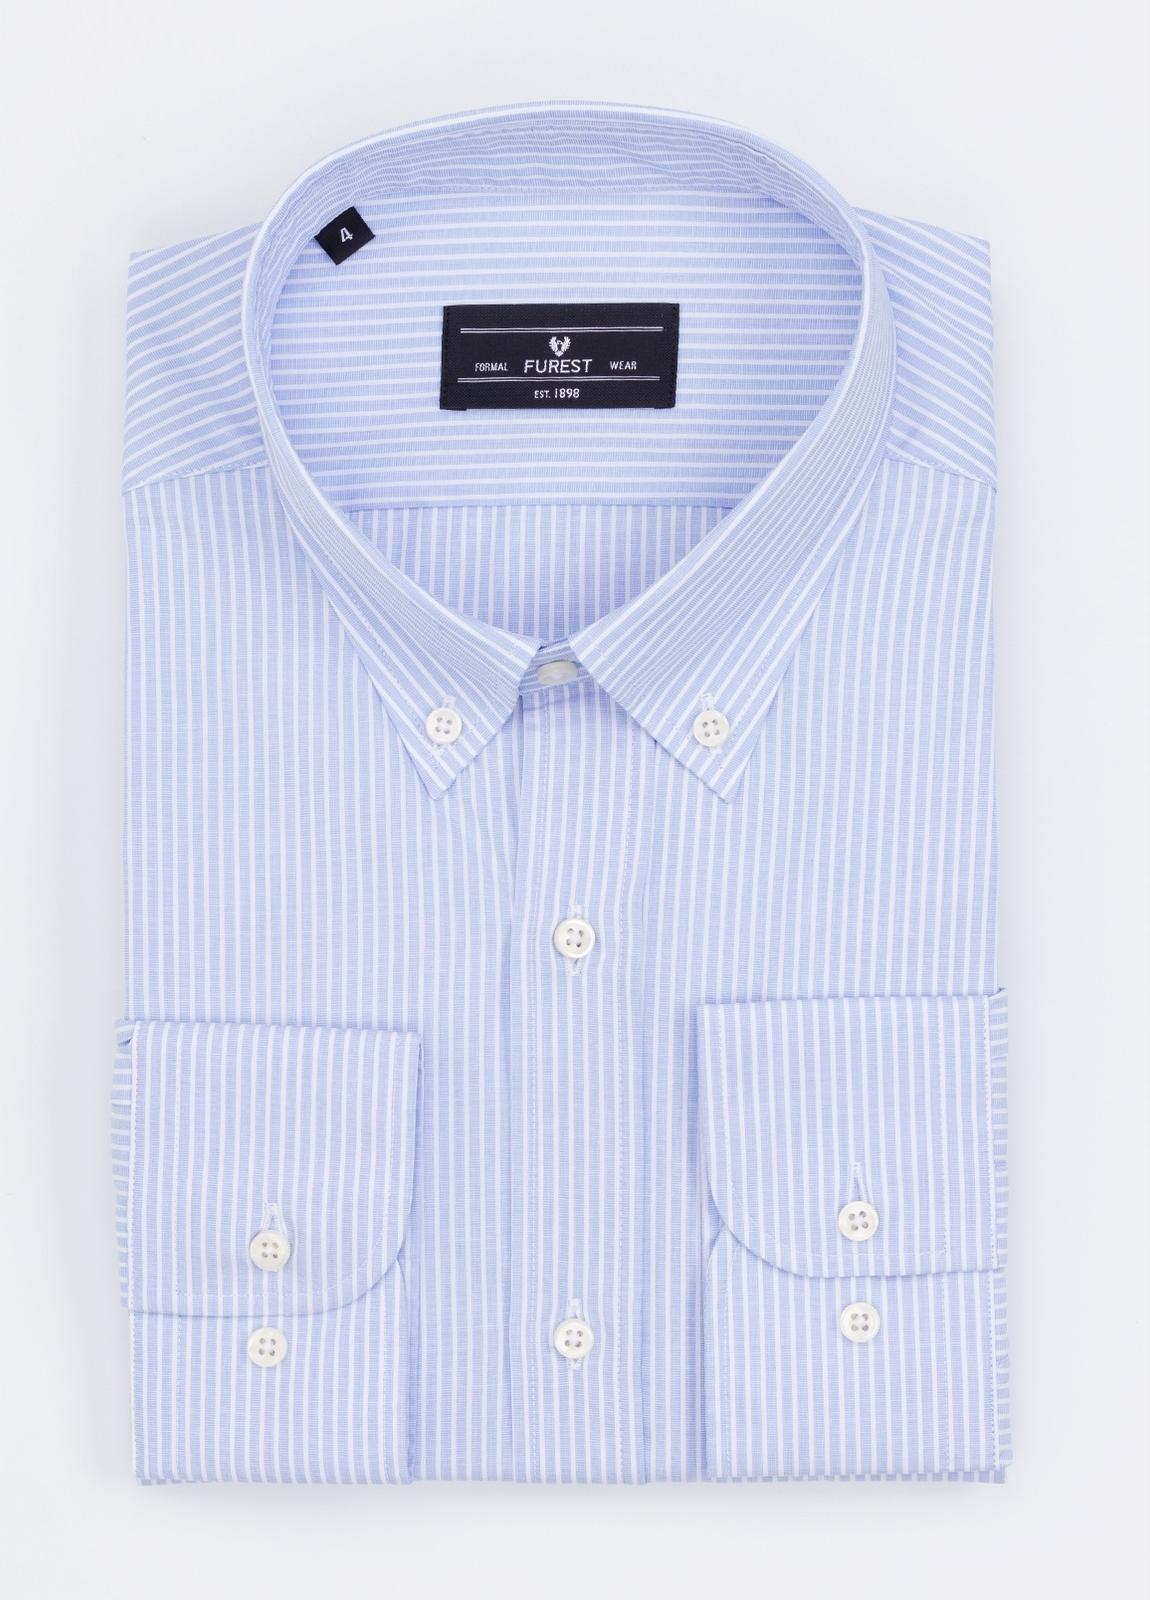 Camisa Formal Wear REGULAR FIT modelo BOTTON DOWN con diseño de rayas color azul. 100% Algodón.